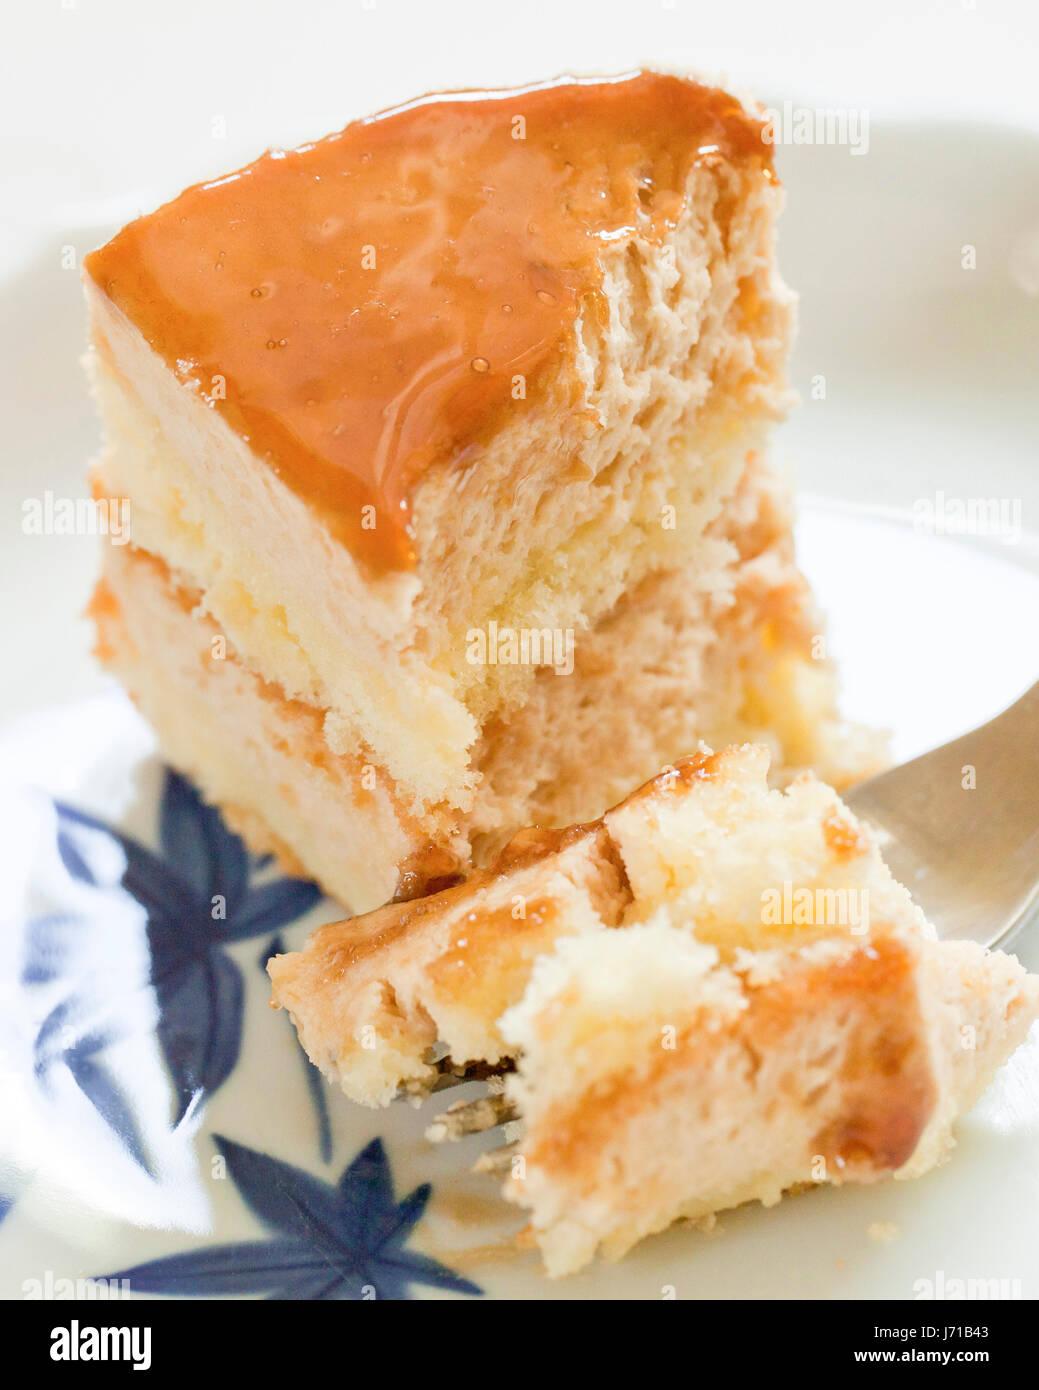 Medio comido rebanada de pastel de queso con capas en dish - EE.UU. Imagen De Stock